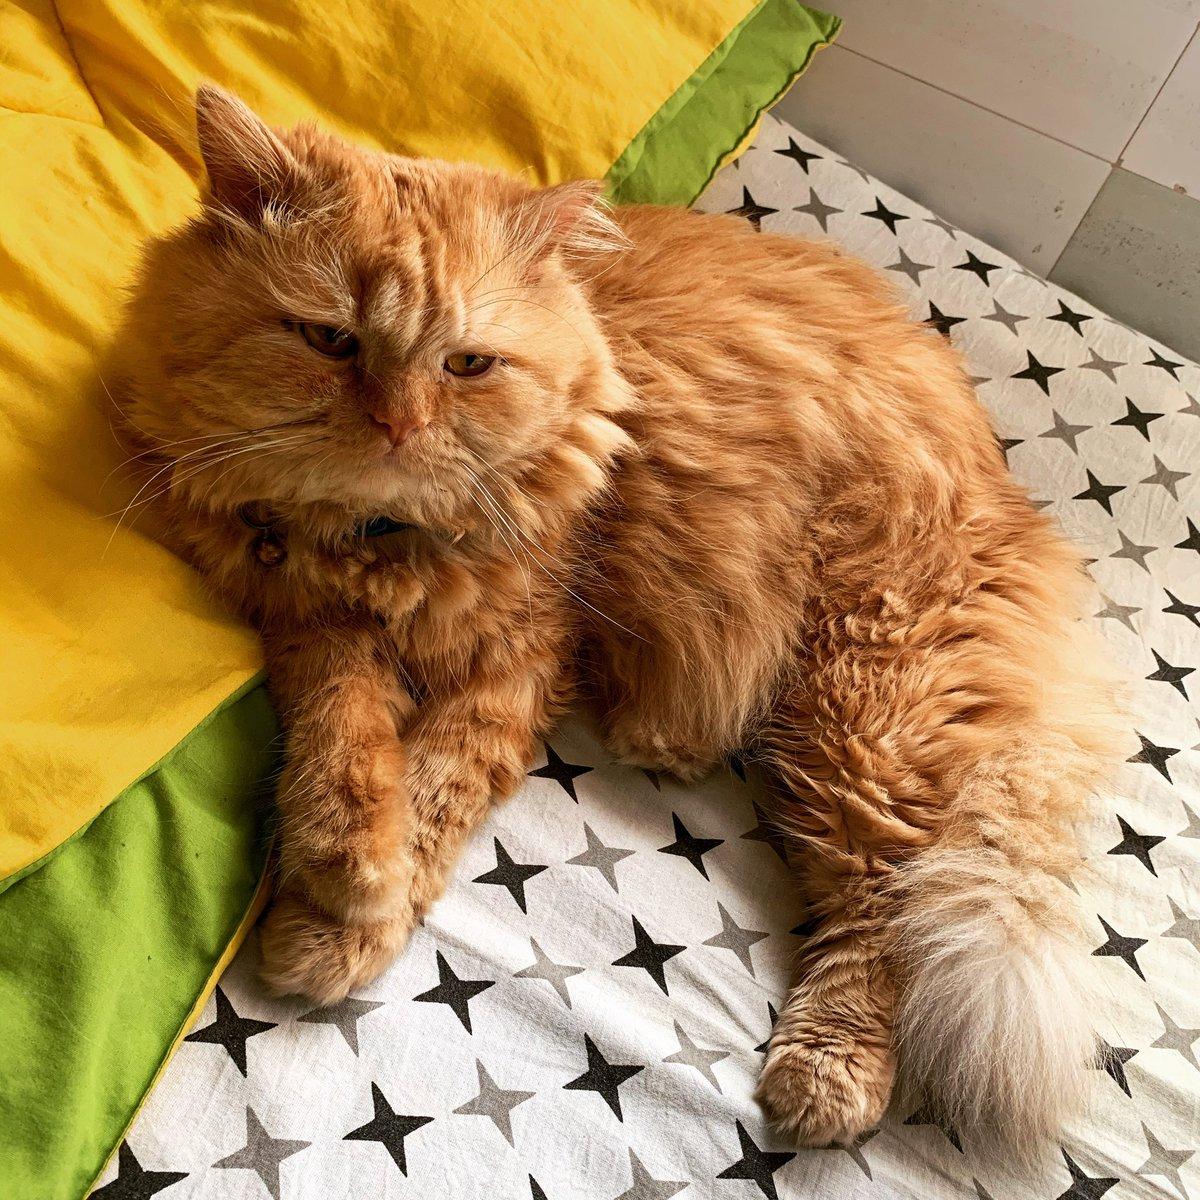 Ari boy 💕 #cats #catsjudgingmarjorie #CatsOfTwitter #cats #catsofinstagram #CatsCountdown #cats_of_instagram #catshuis #catshuisoverleg #catsjudgingkellyanne #catsnoirfriday #CatsOfTheQuarantine